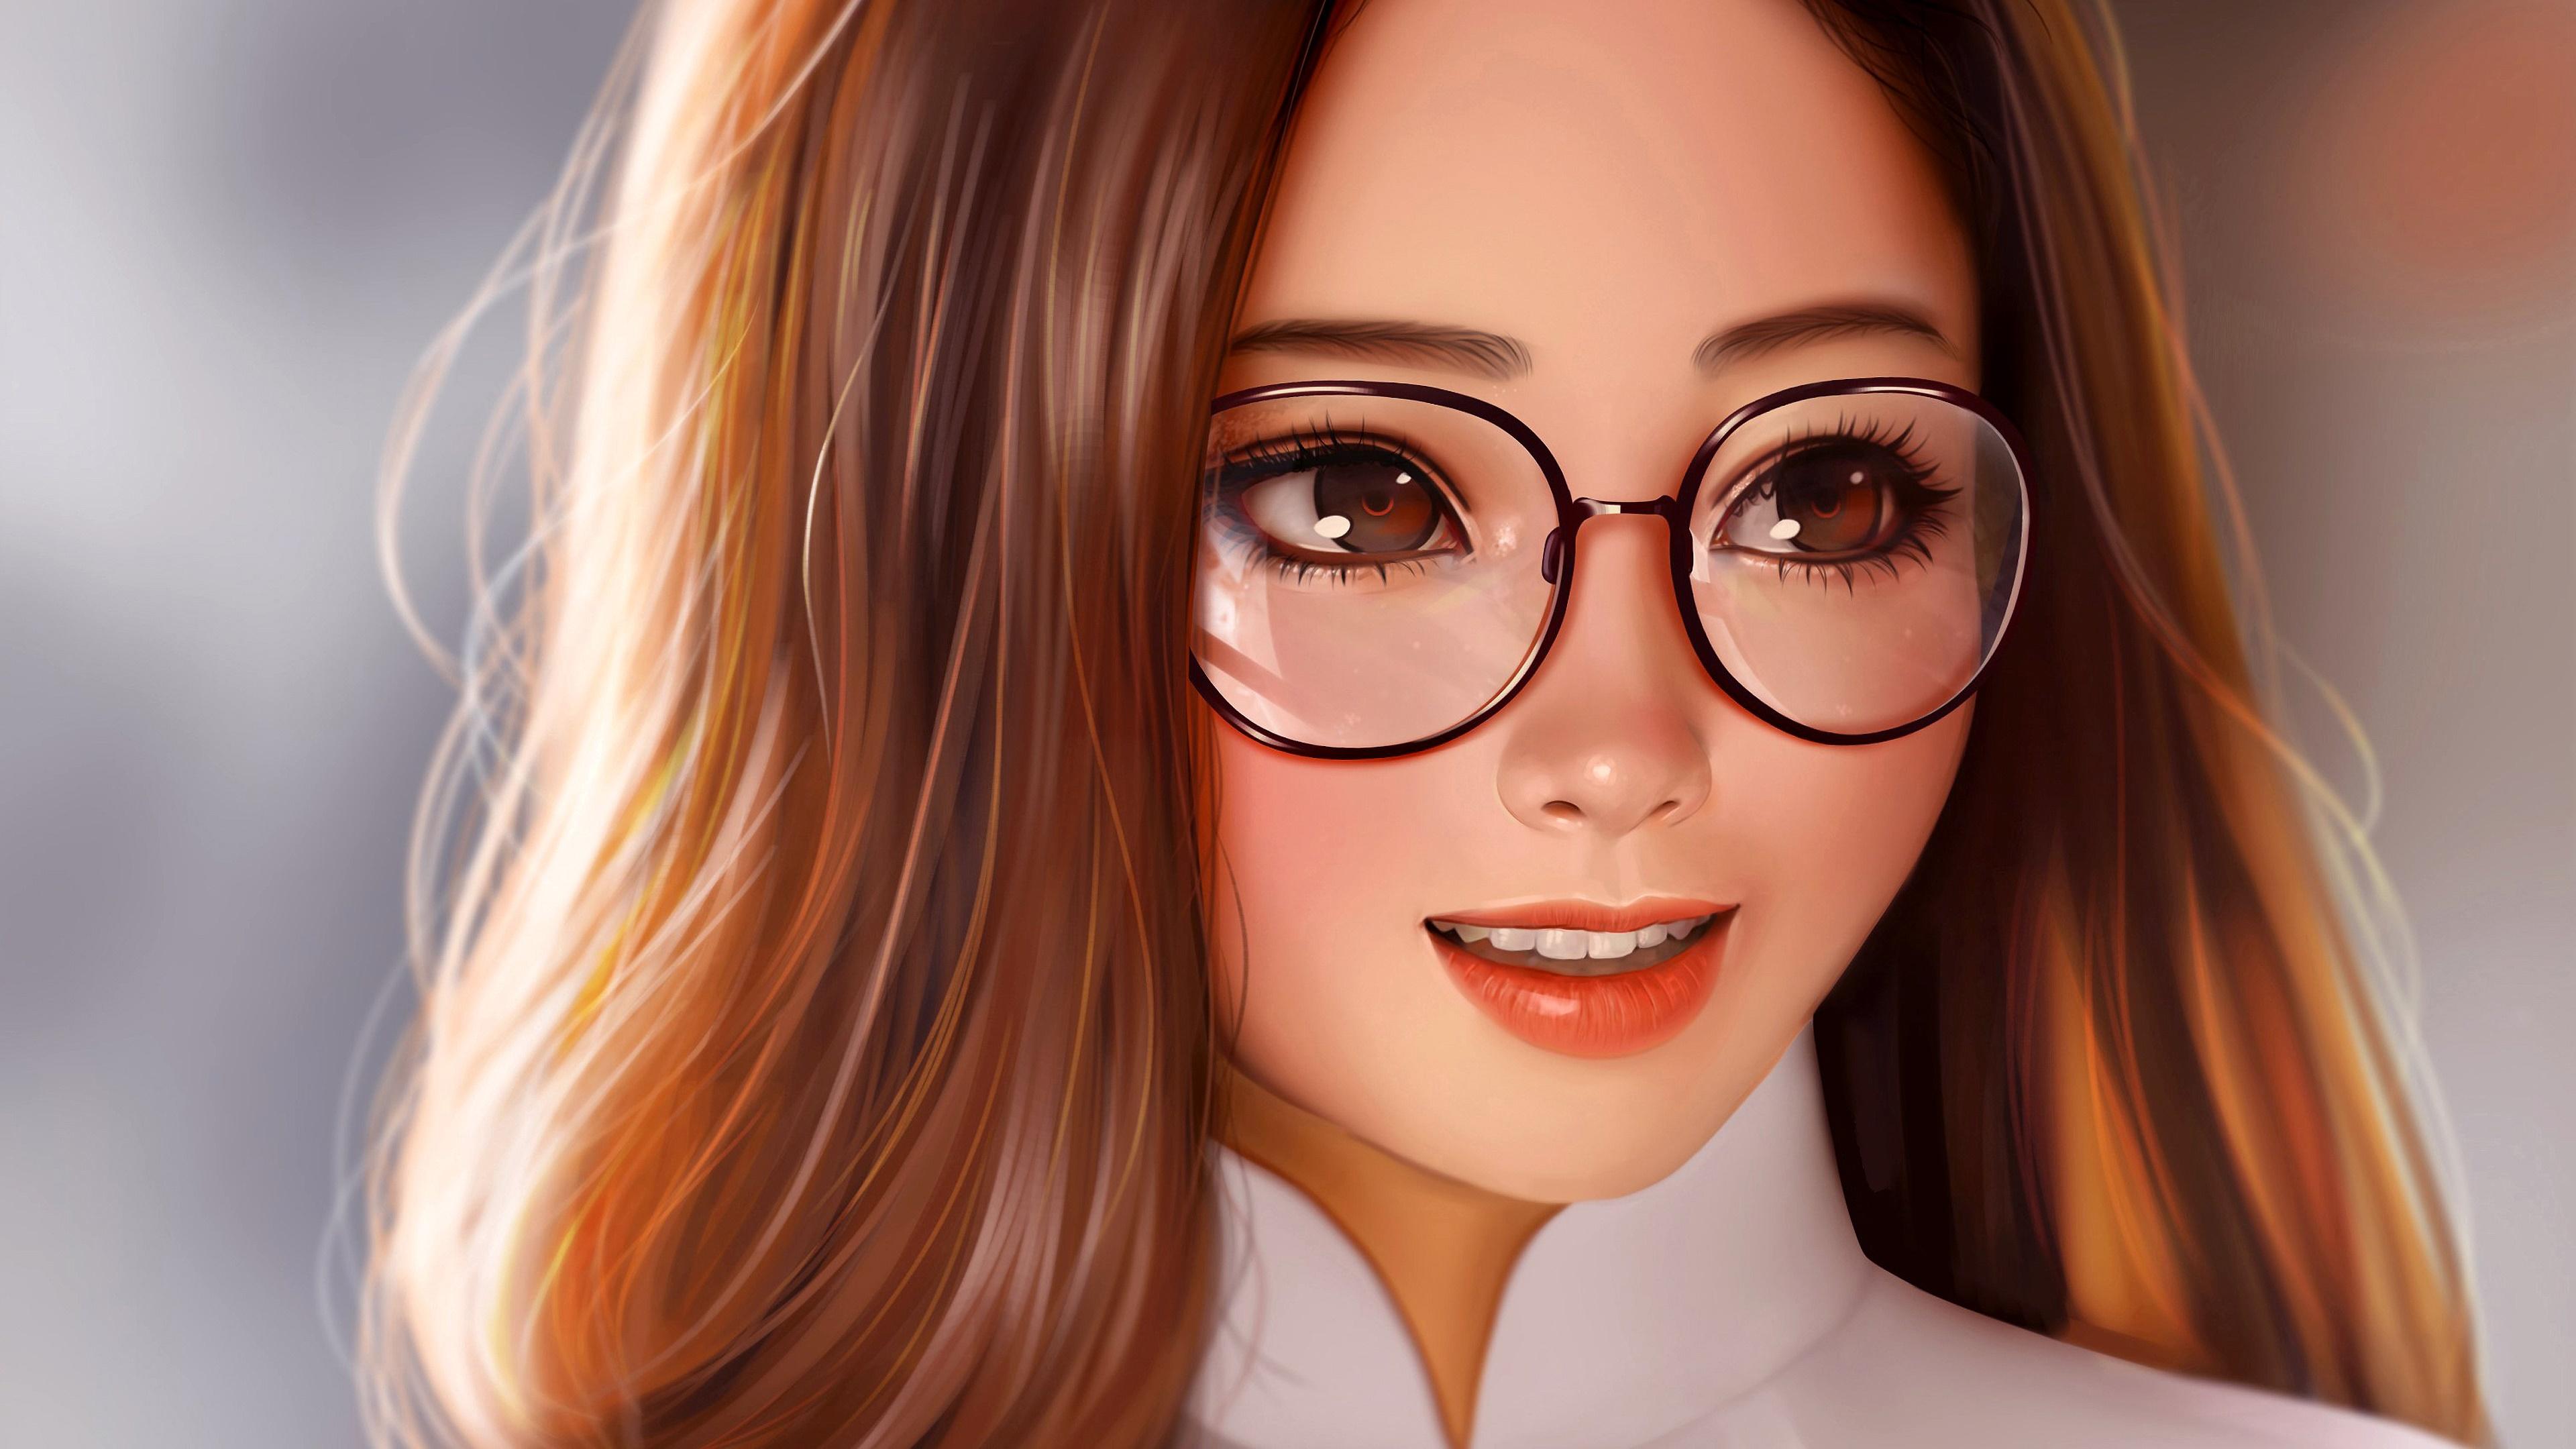 Art ID: 123151